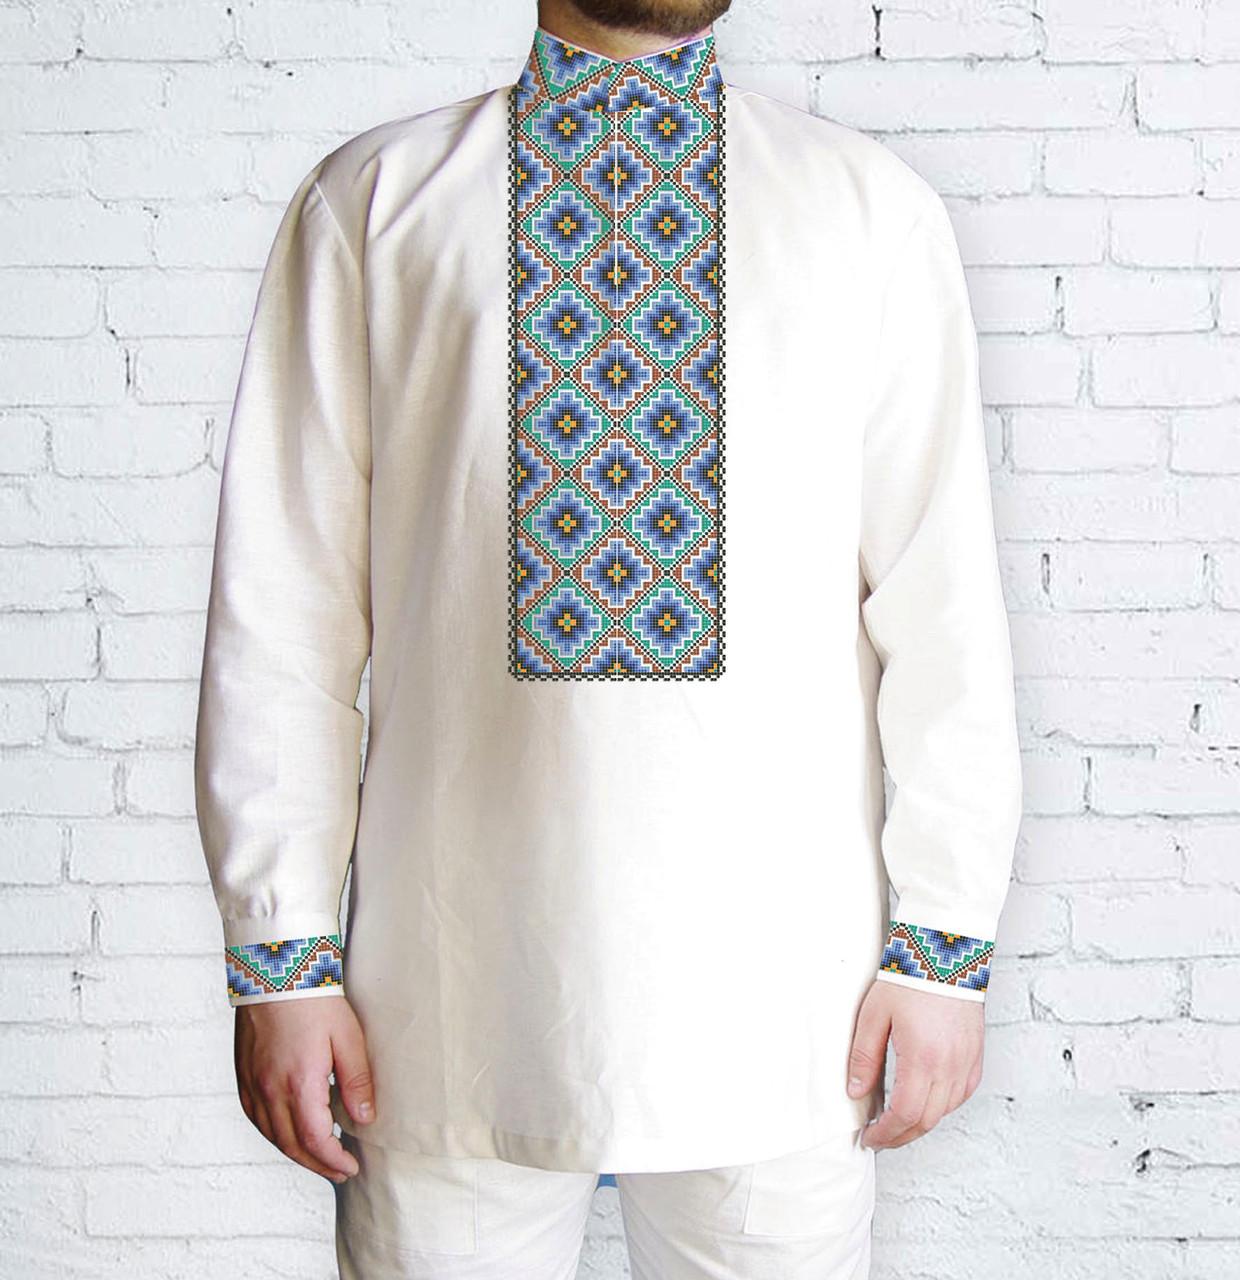 Заготовка чоловічої сорочки та вишиванки для вишивки чи вишивання бісером Бисерок «3D» (Ч-513 )